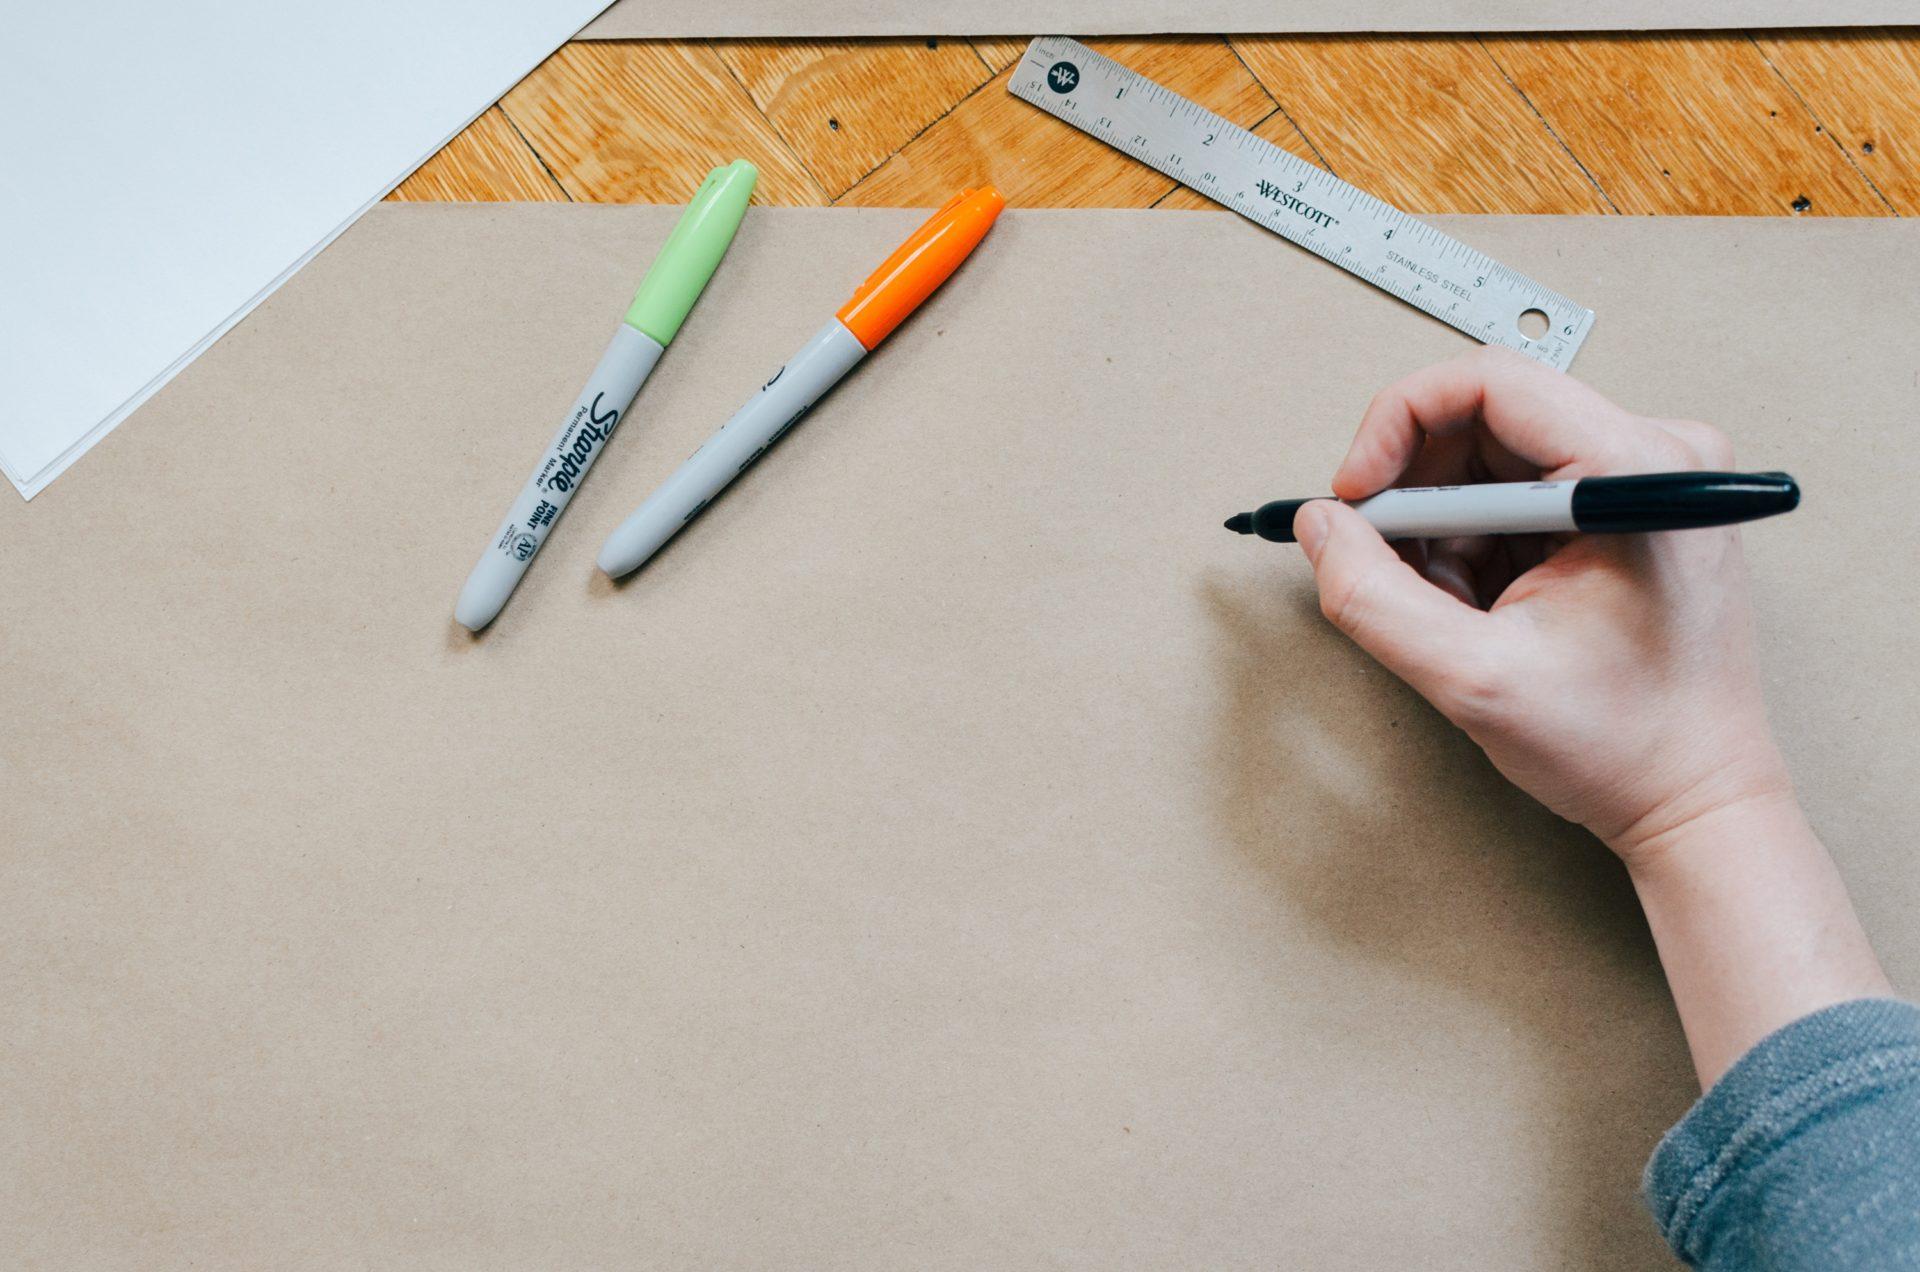 Jezelf resetten - nieuwe gewoonten ontwerpen buiten je comfortzone